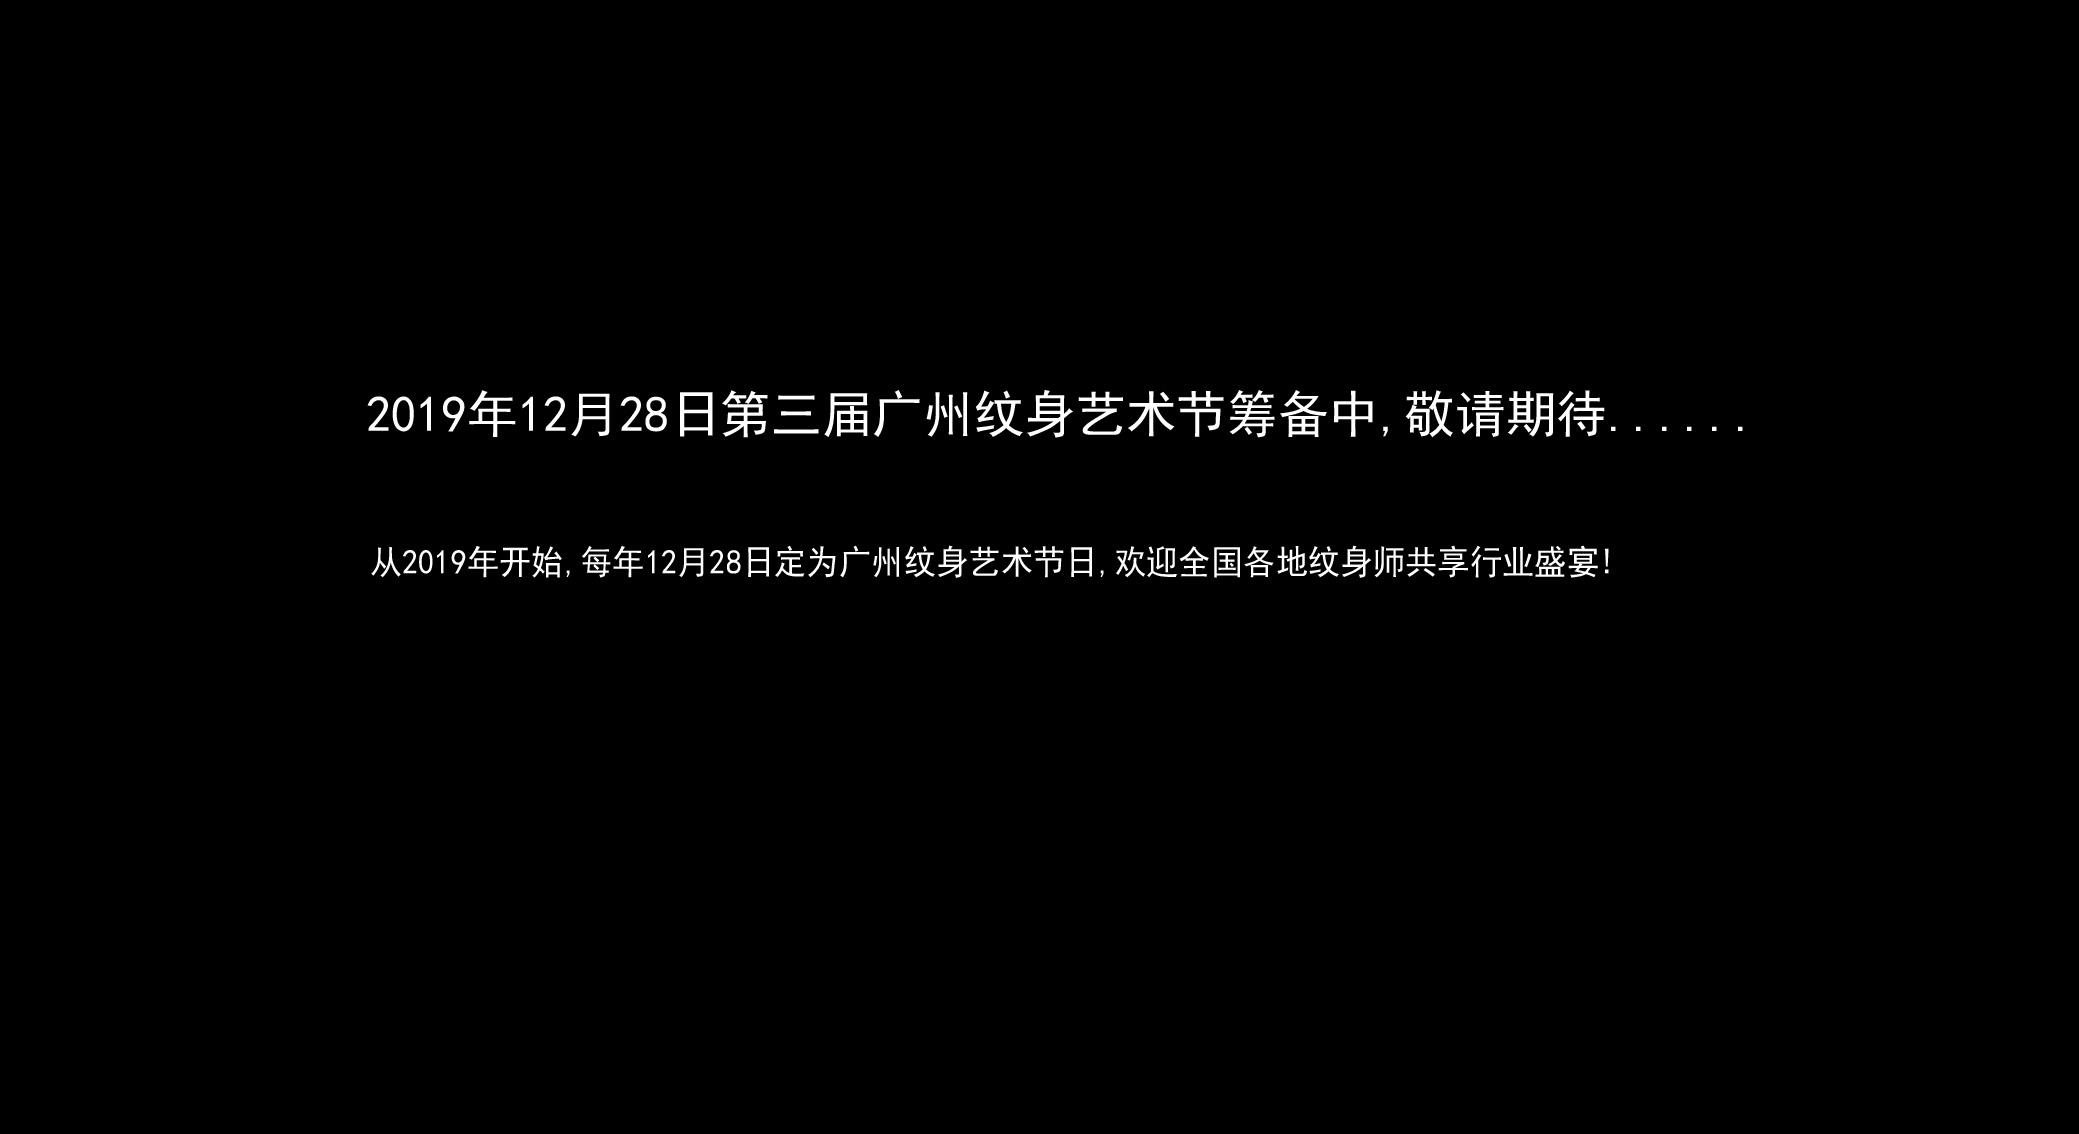 2019年第三届广州纹身艺术节,敬请期待......